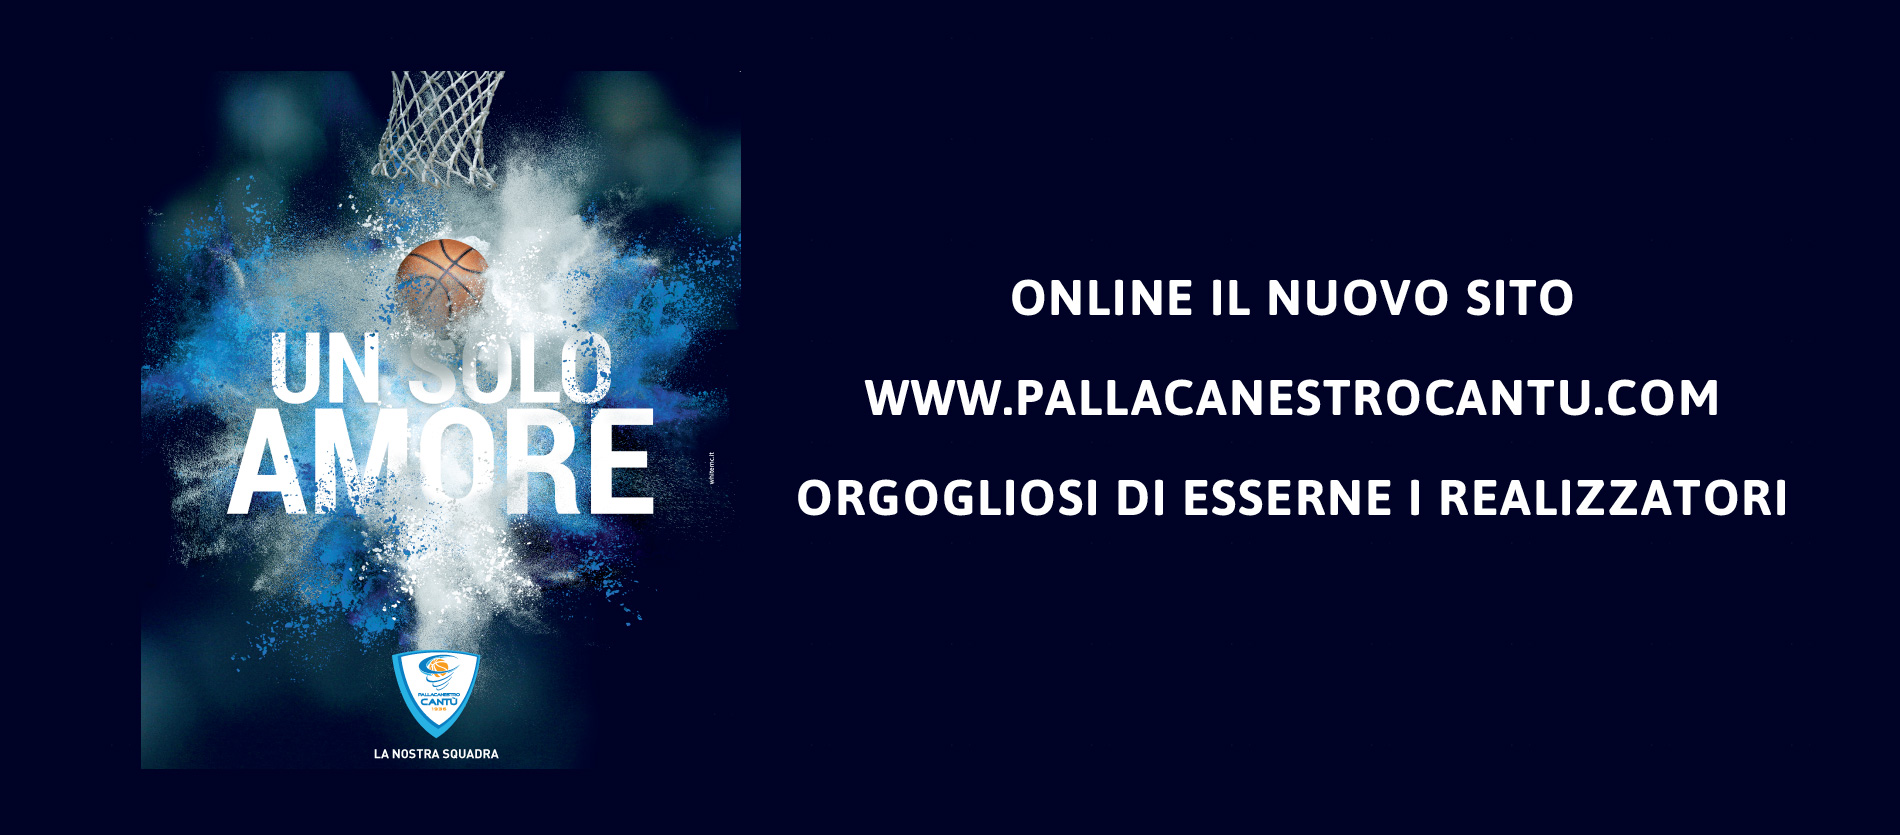 <h1><strong>Official Sponsor Pallacanestro Cantu&#39;. </strong></h1>